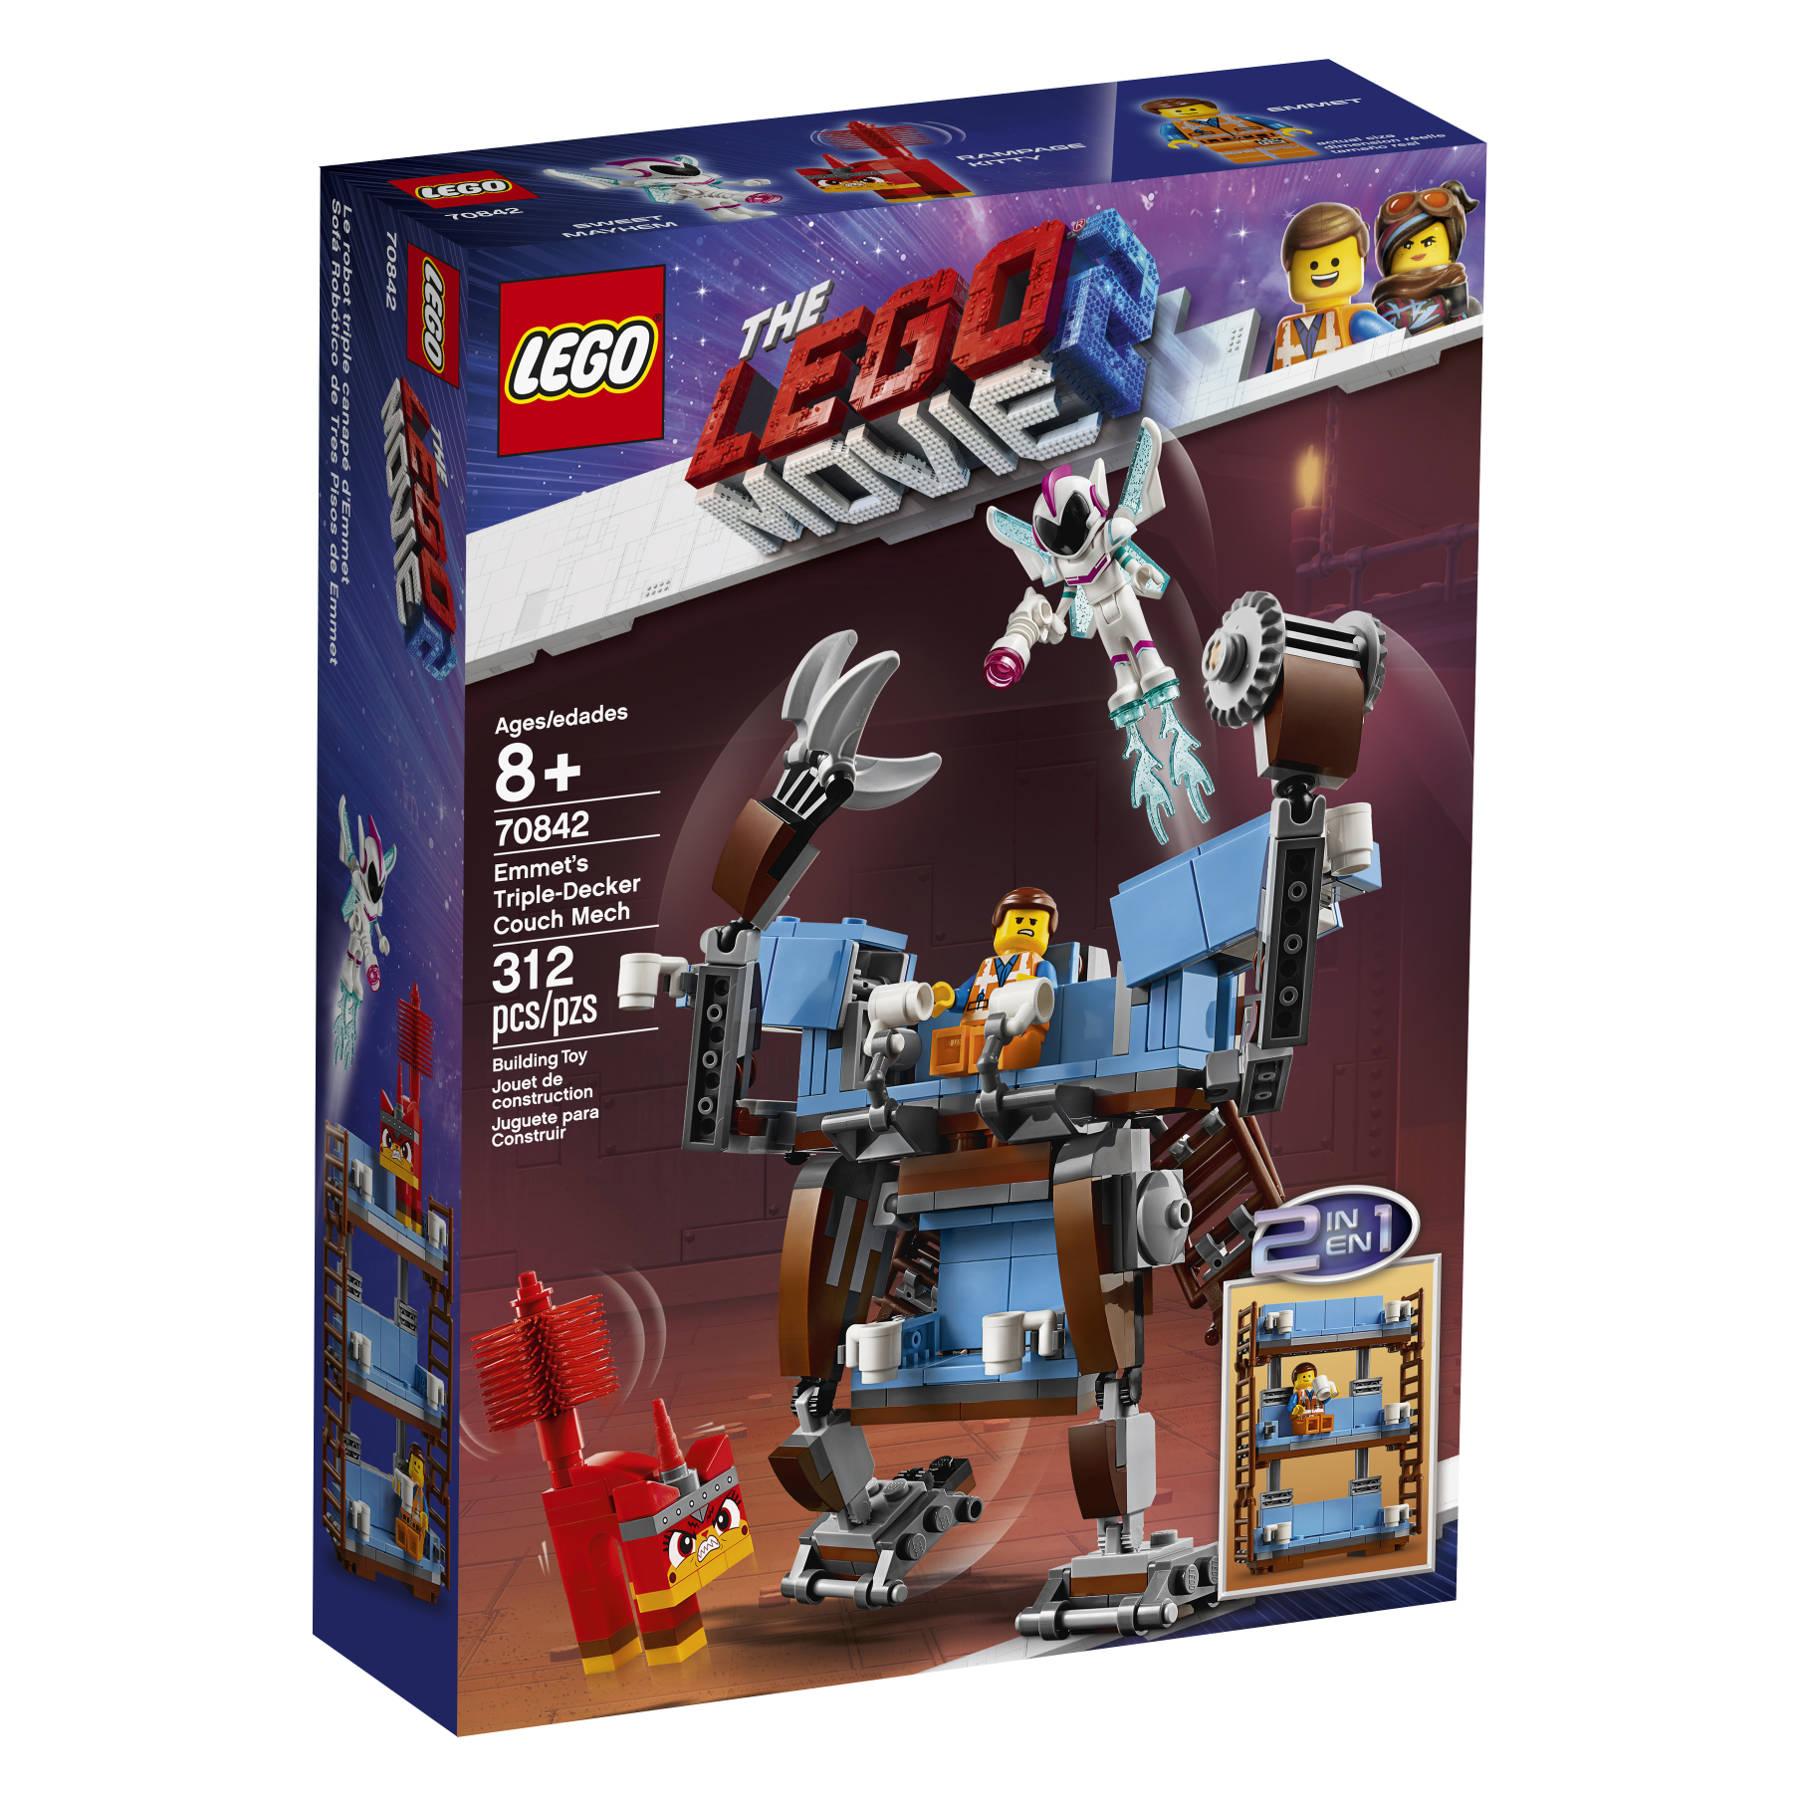 New The Lego Movie 2 Sets Announced Fbtb